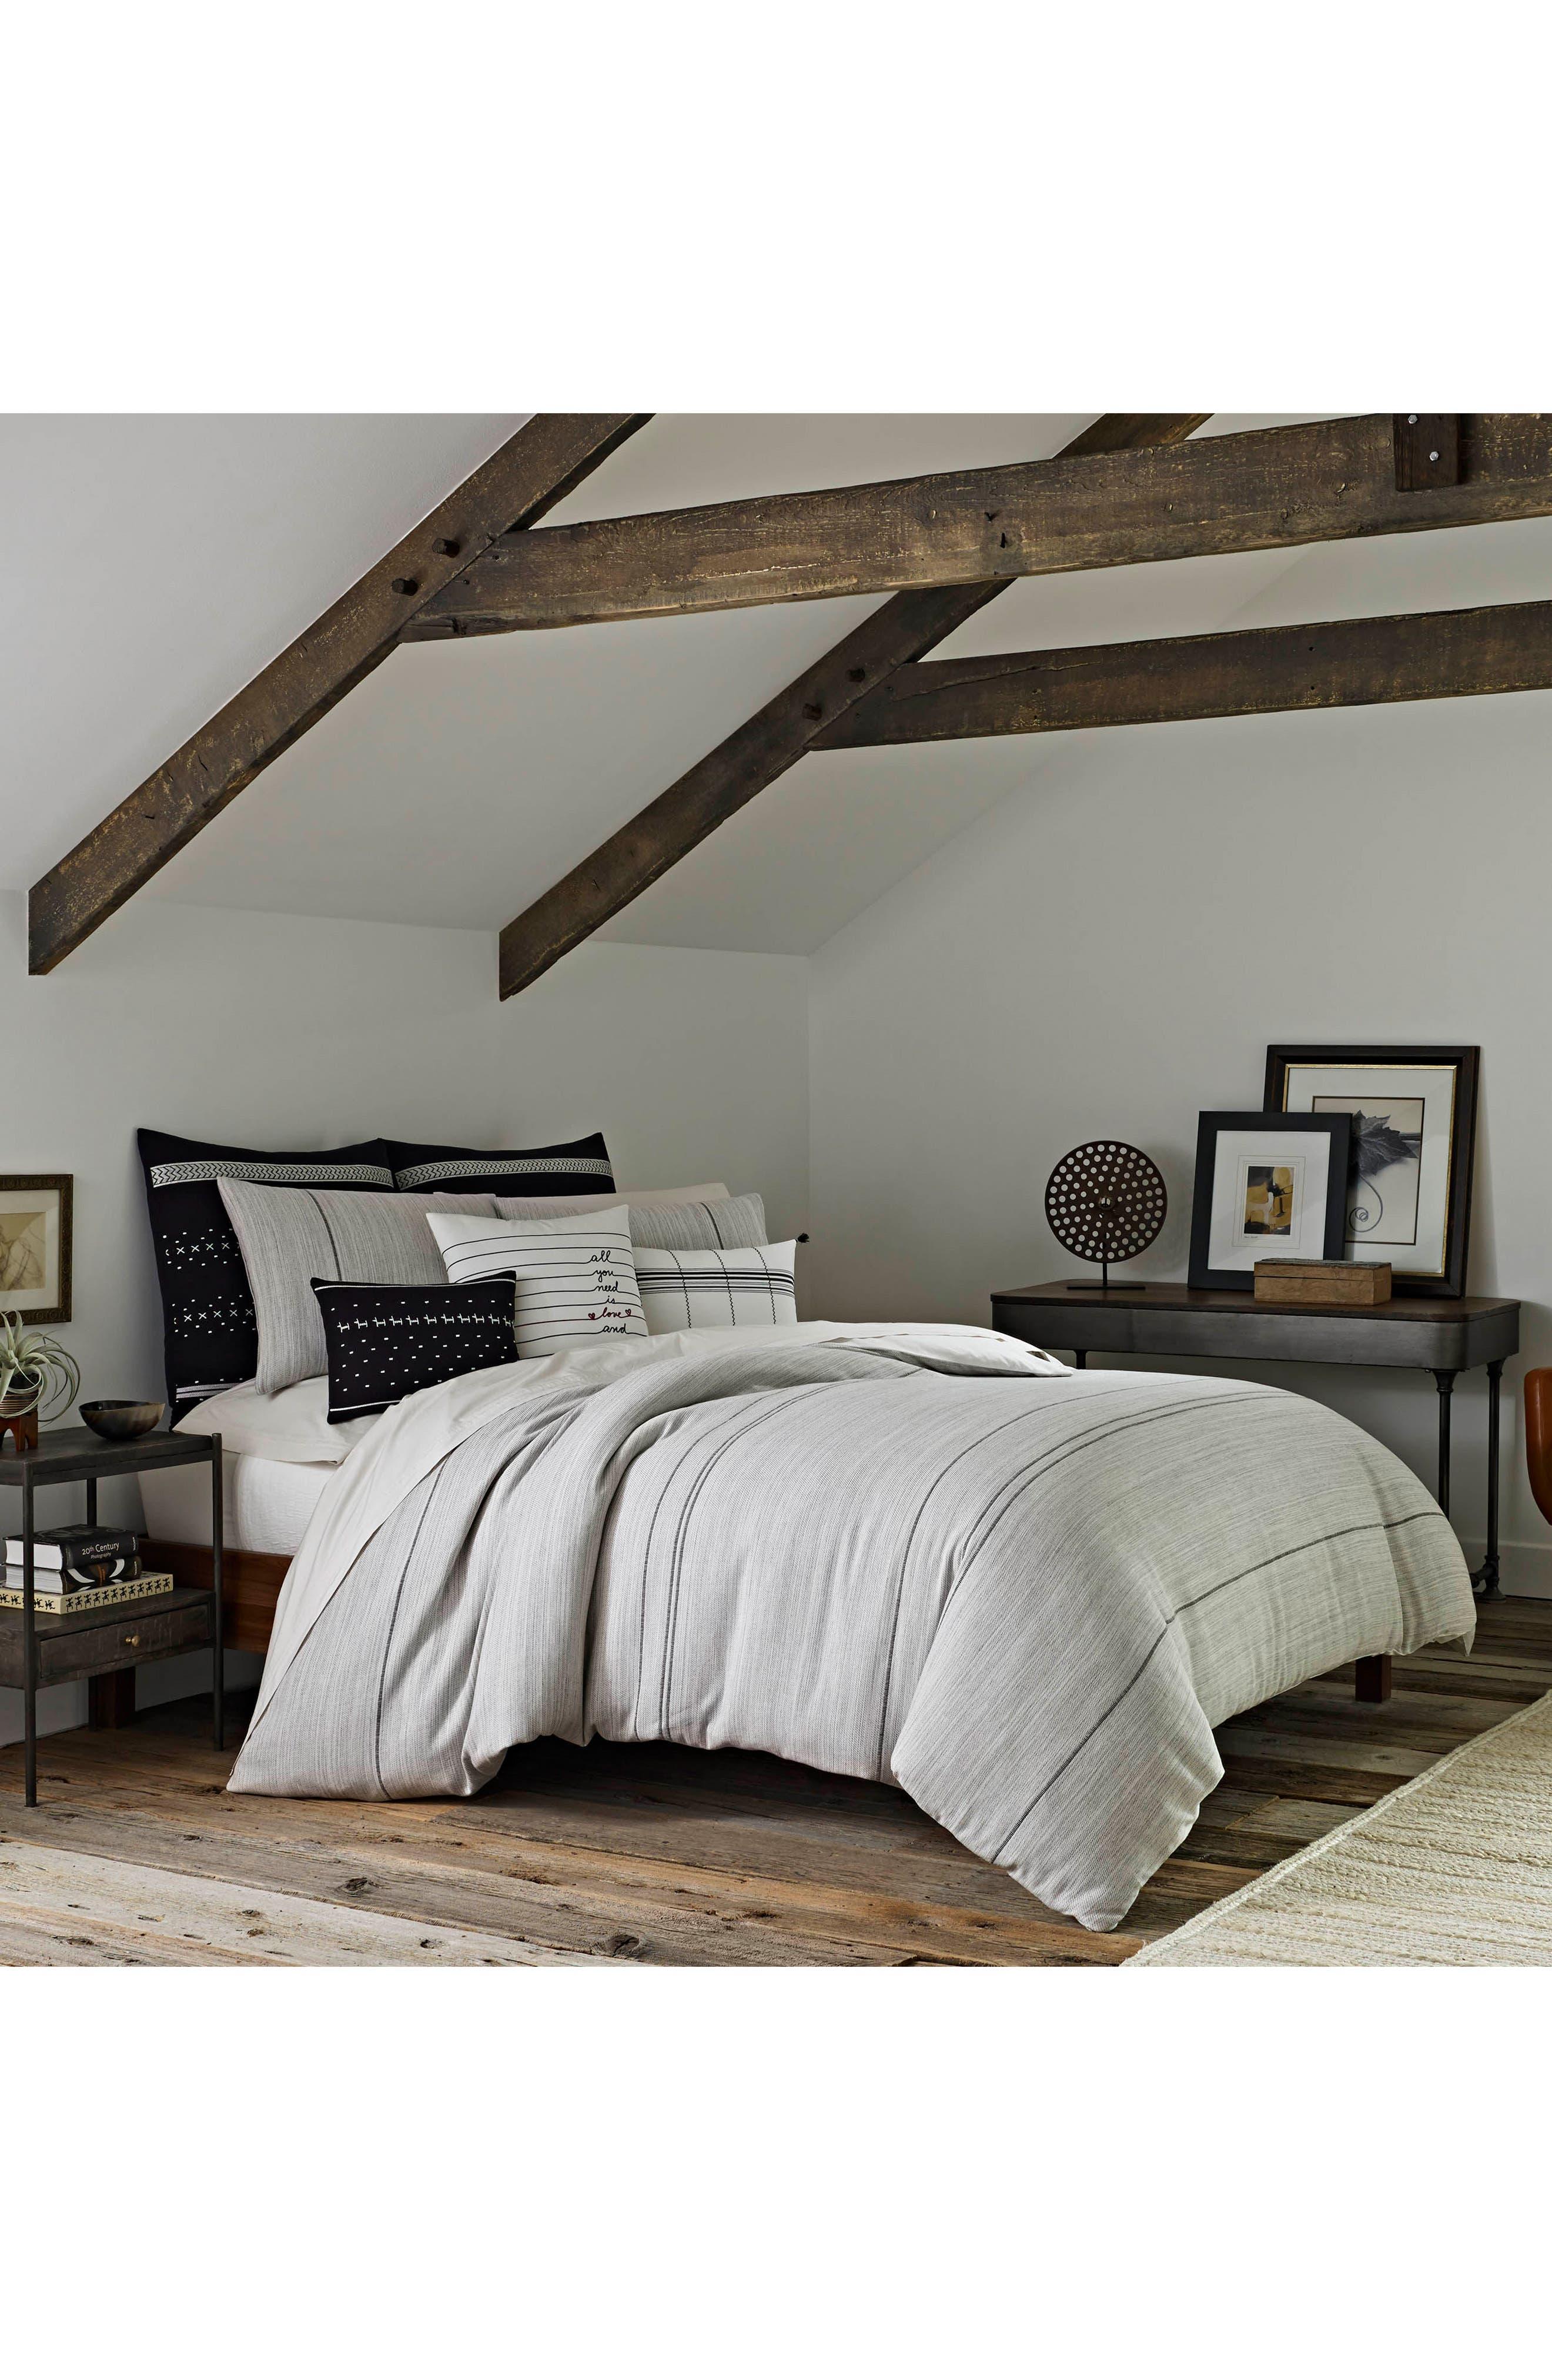 Alternate Image 1 Selected - ED Ellen DeGeneres Alta Comforter & Sham Set